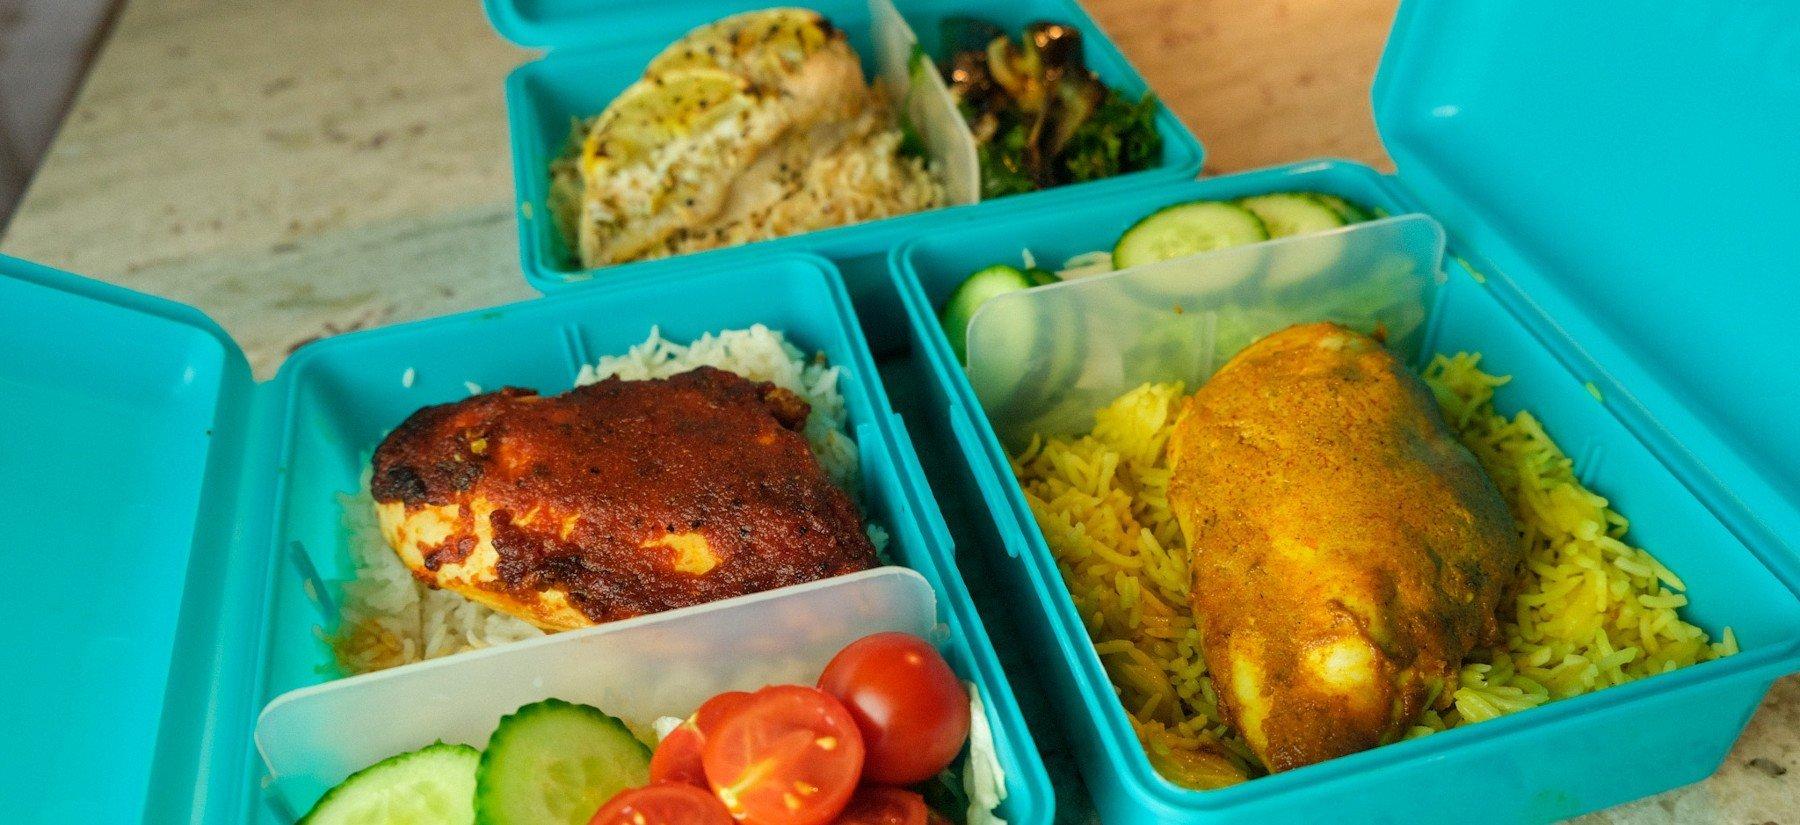 3種懶人必備高蛋白雞胸肉料理 減脂增肌又健康